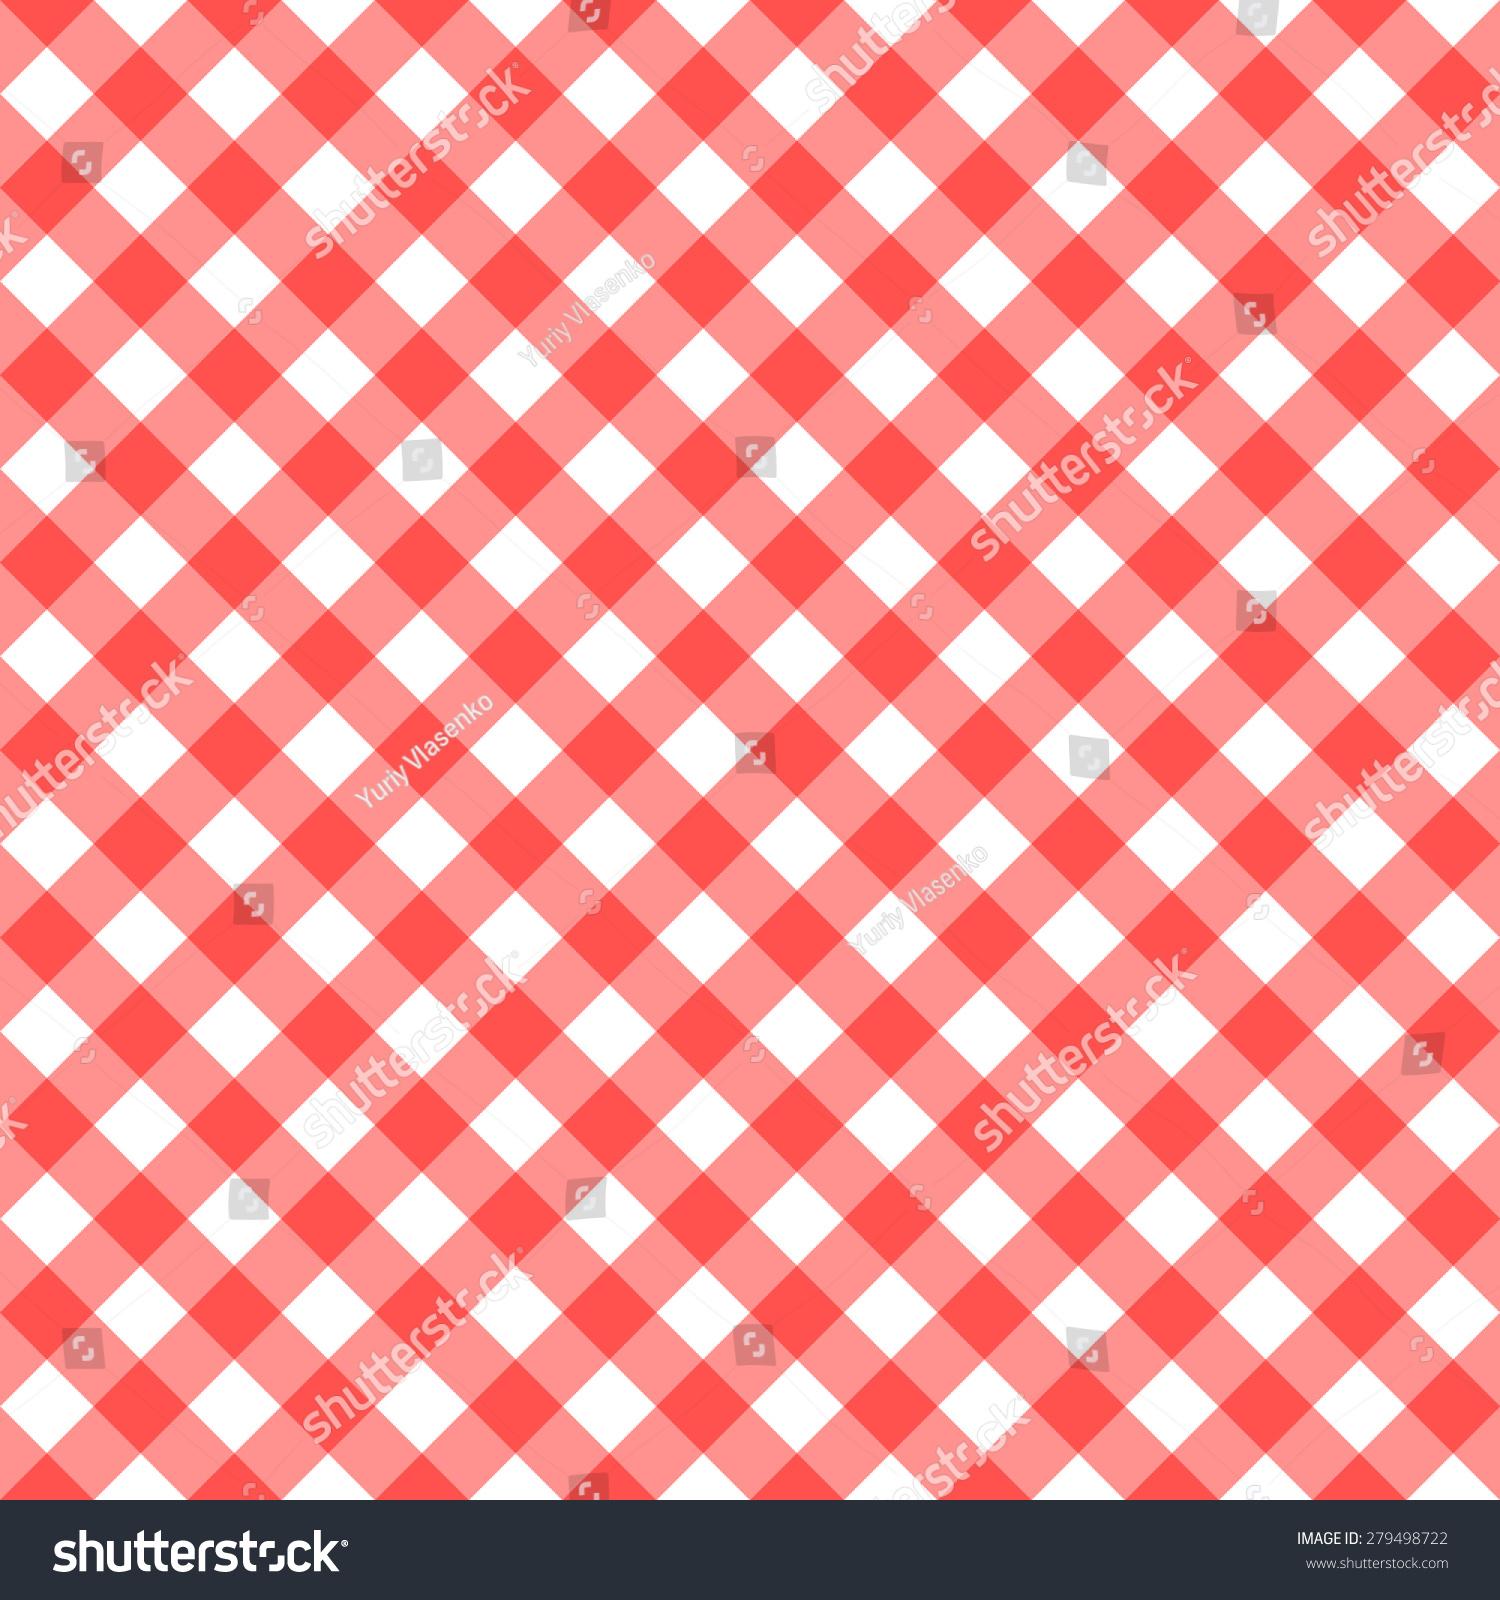 红色桌布把颜色模式-背景/素材,抽象-海洛创意()-中国